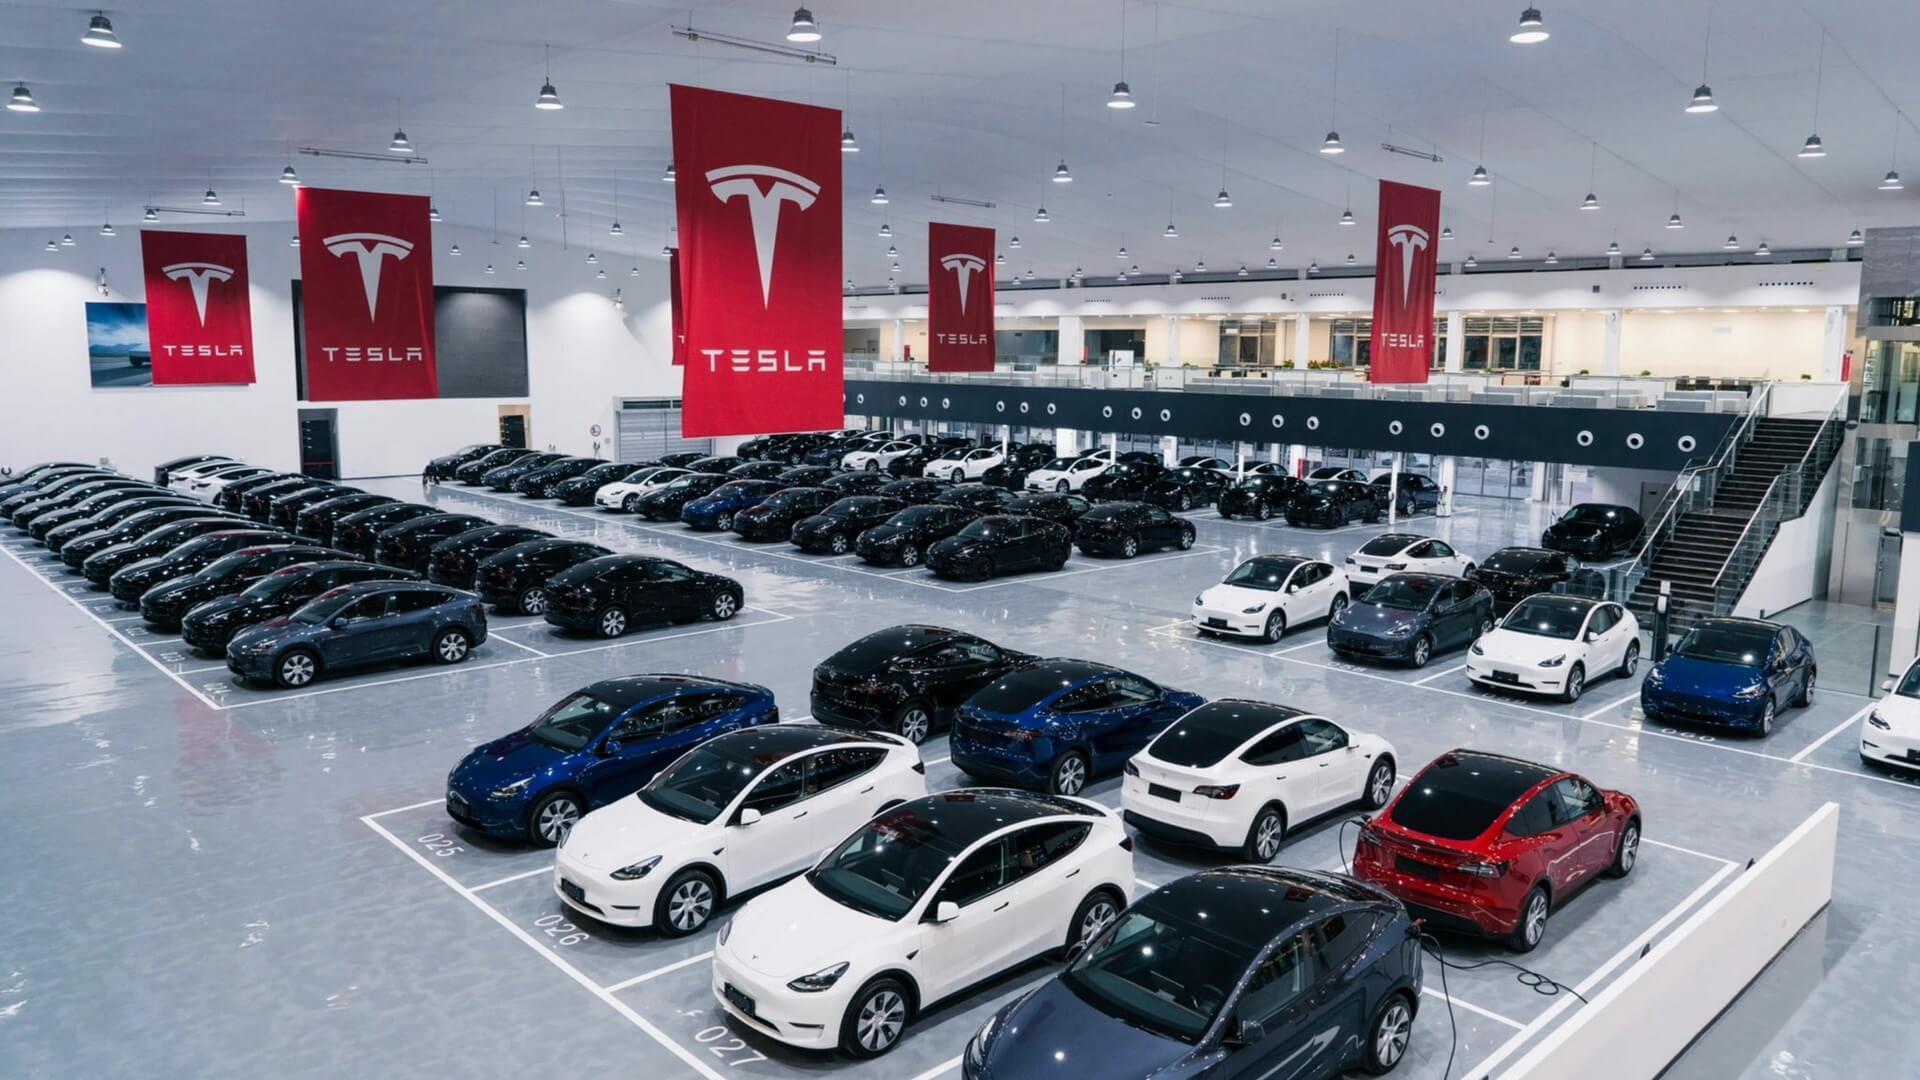 ВПекине открылся крупнейший вАзии центр доставки Tesla